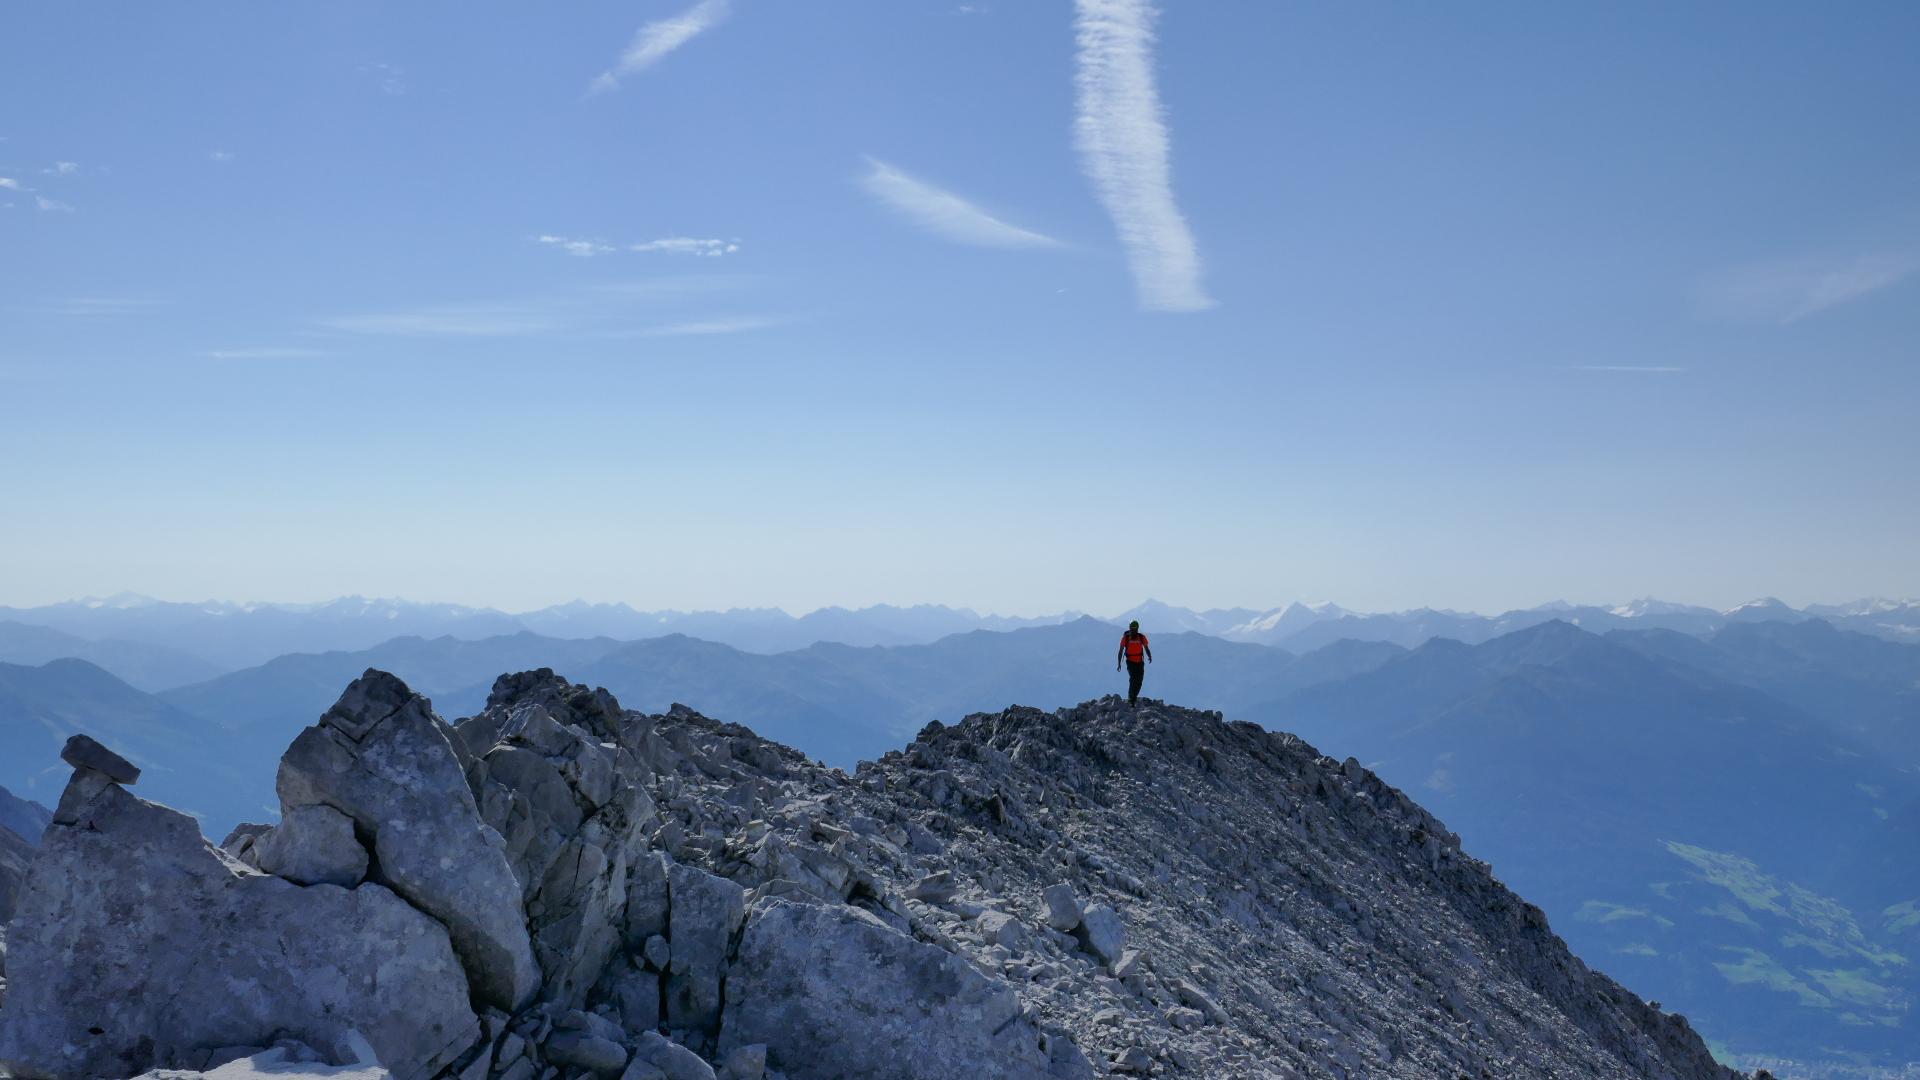 #742 Eiskarlspitze & Spritzkarspitze